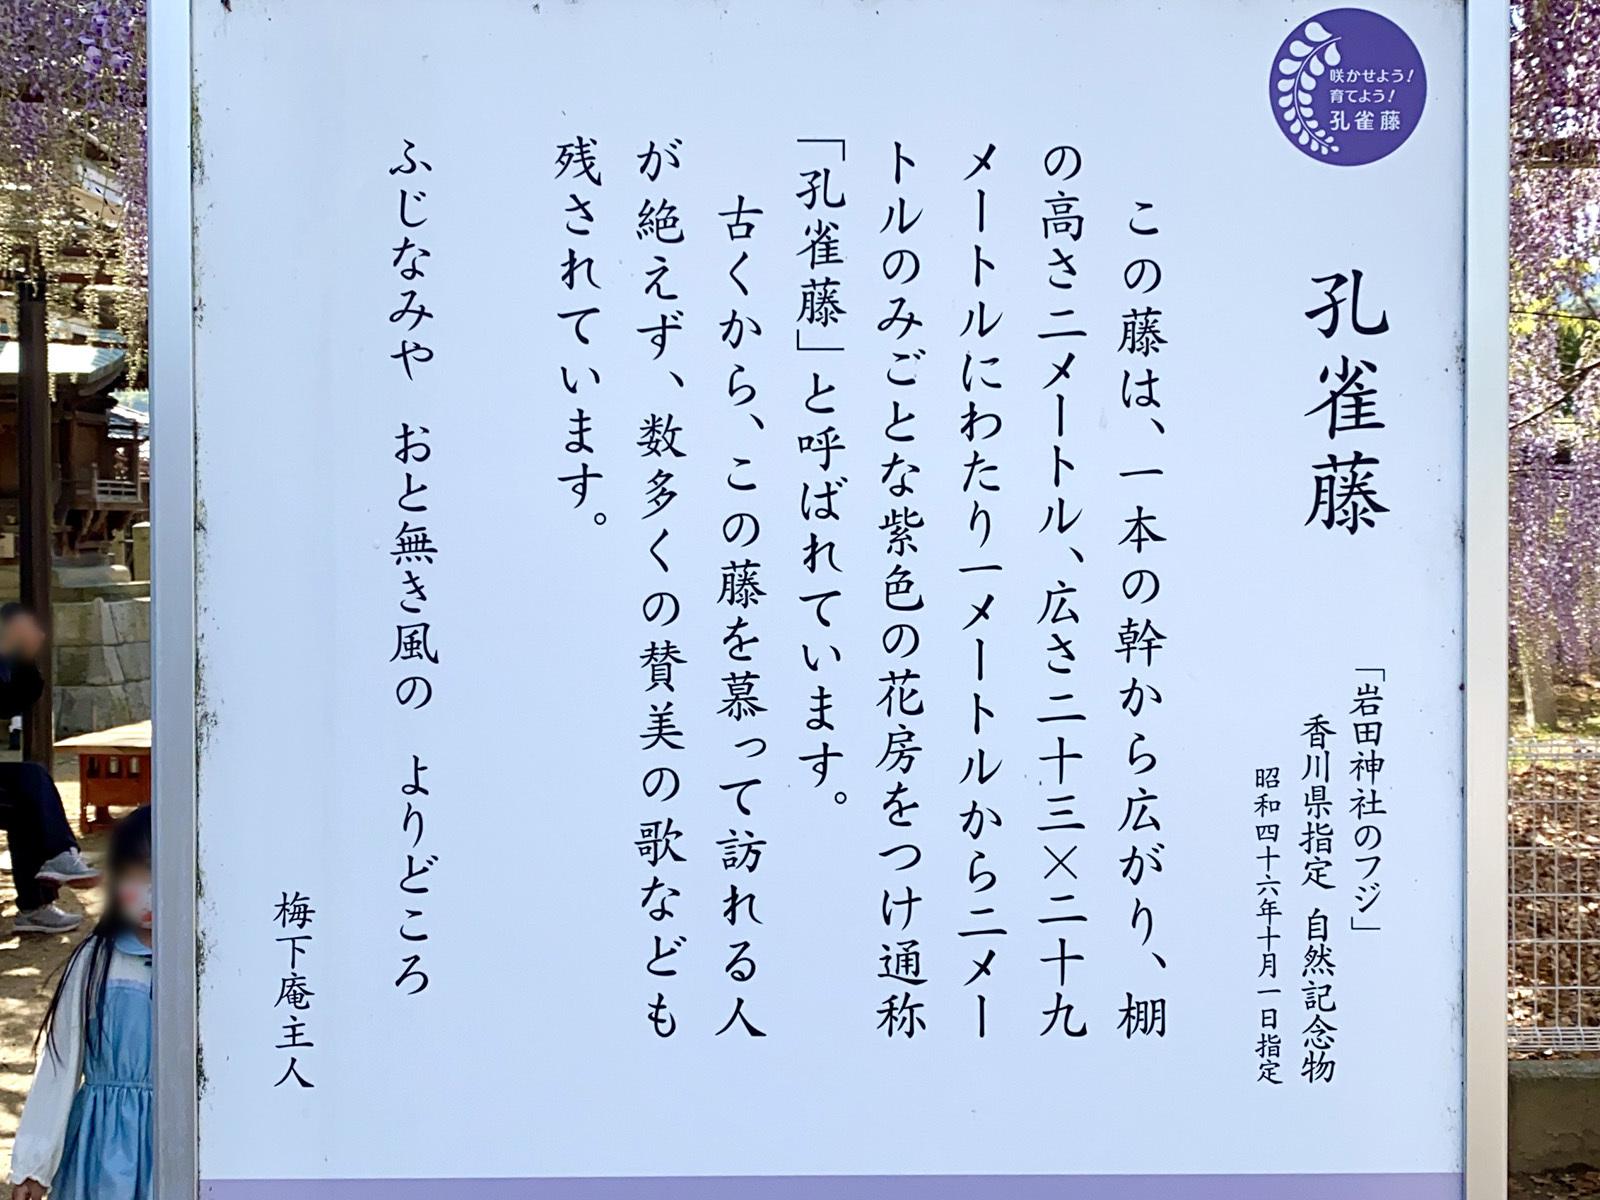 岩田神社 03 孔雀藤開設